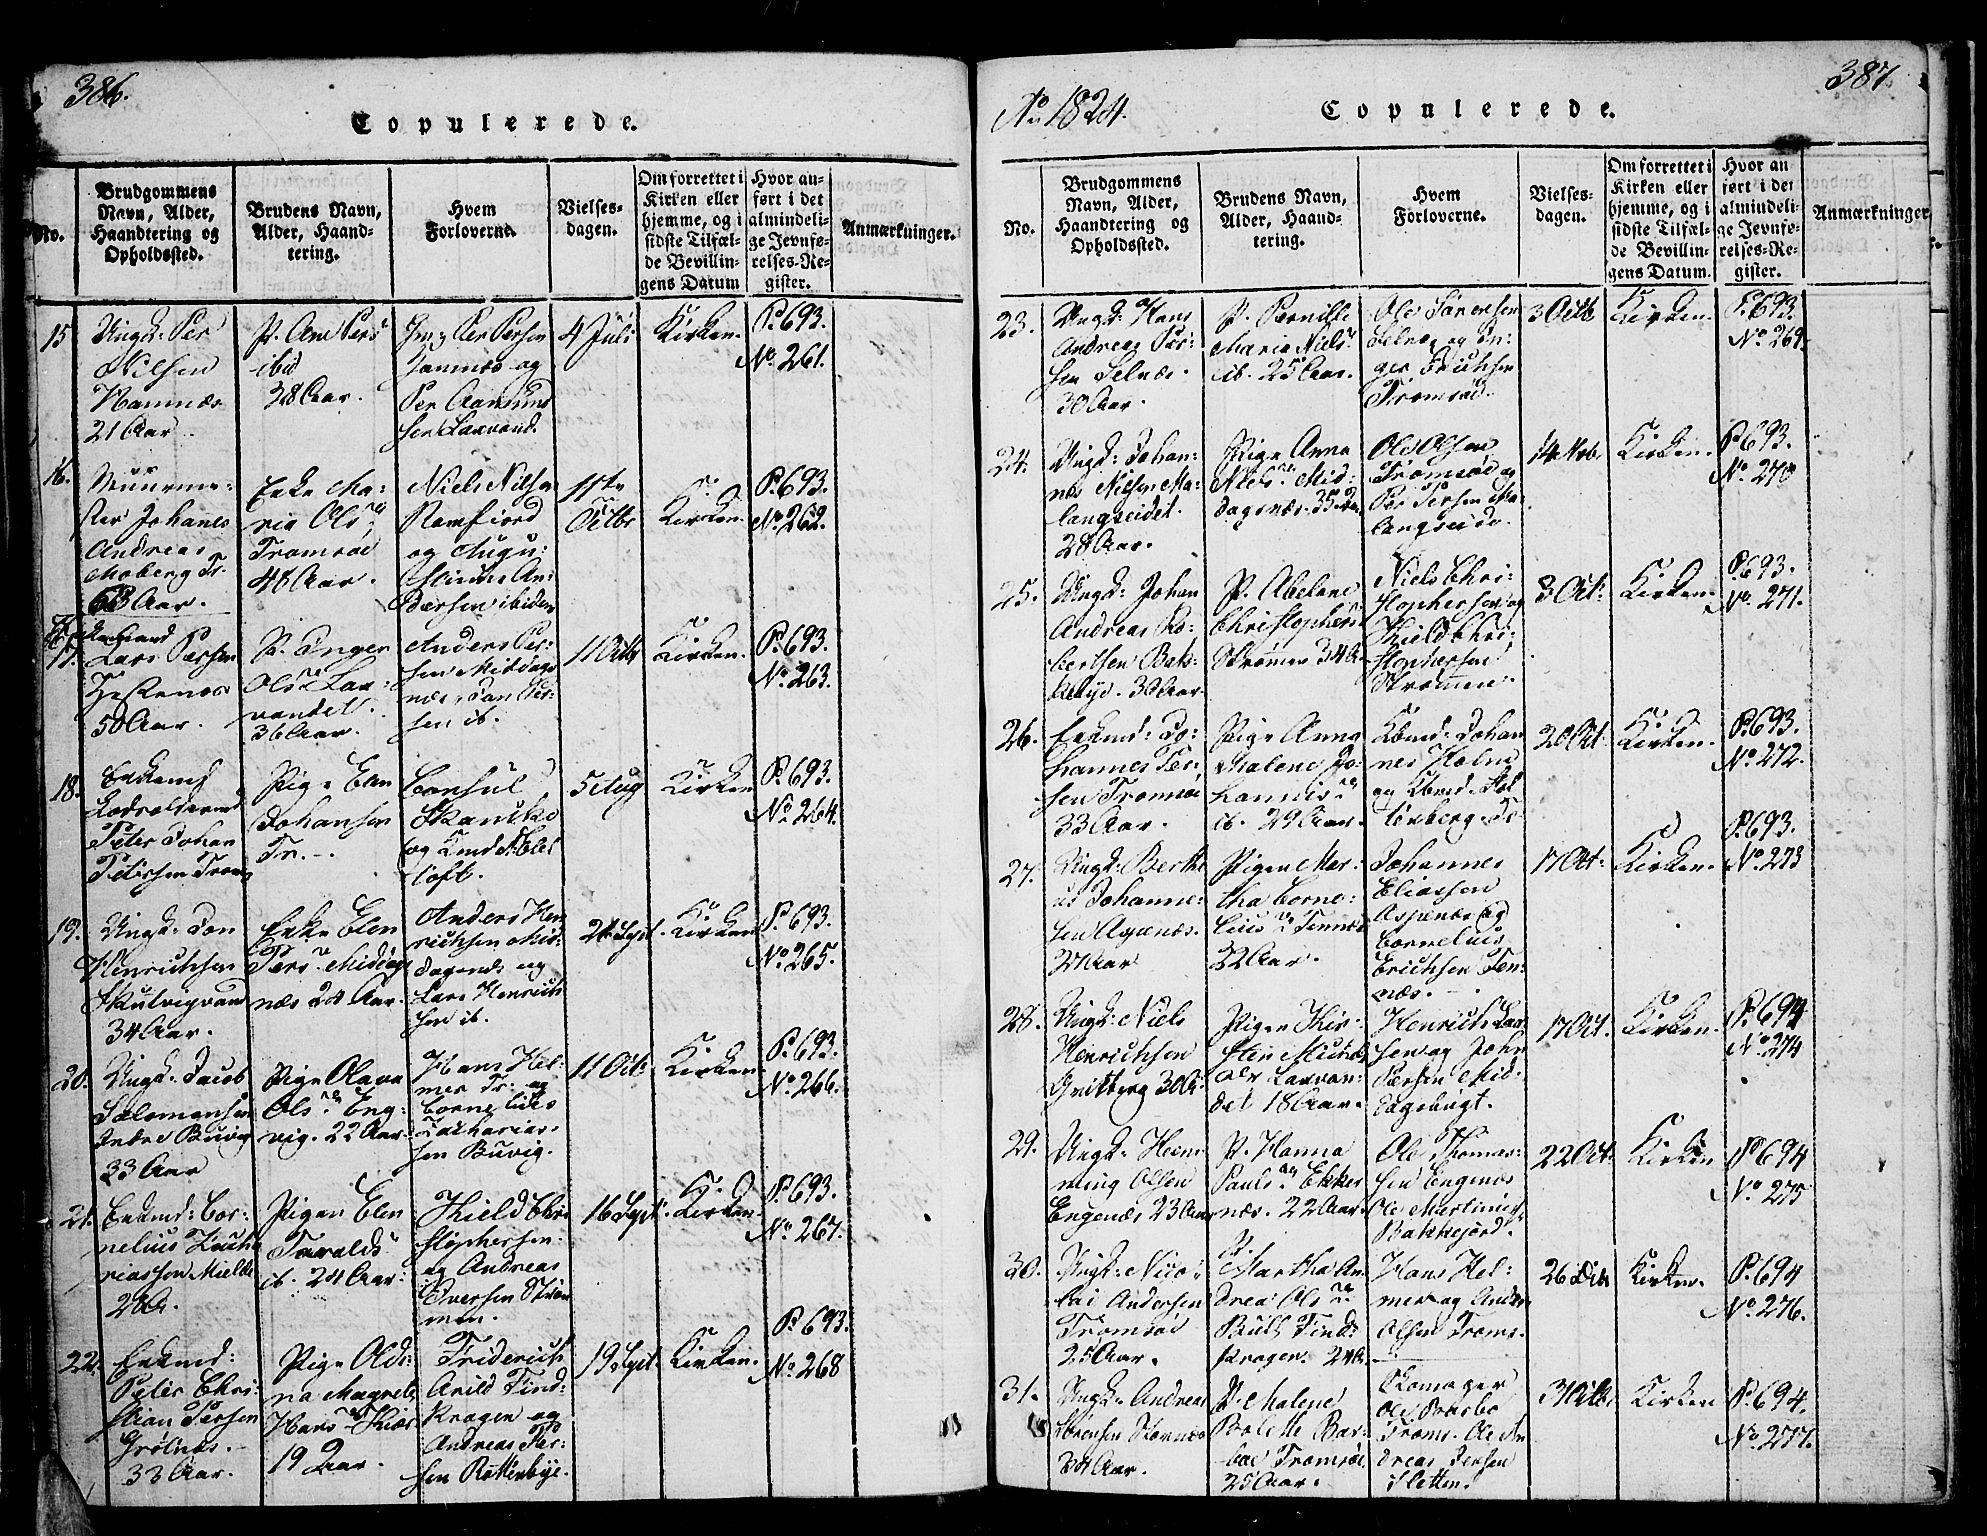 SATØ, Tromsø sokneprestkontor/stiftsprosti/domprosti, G/Ga/L0007kirke: Ministerialbok nr. 7, 1821-1828, s. 386-387